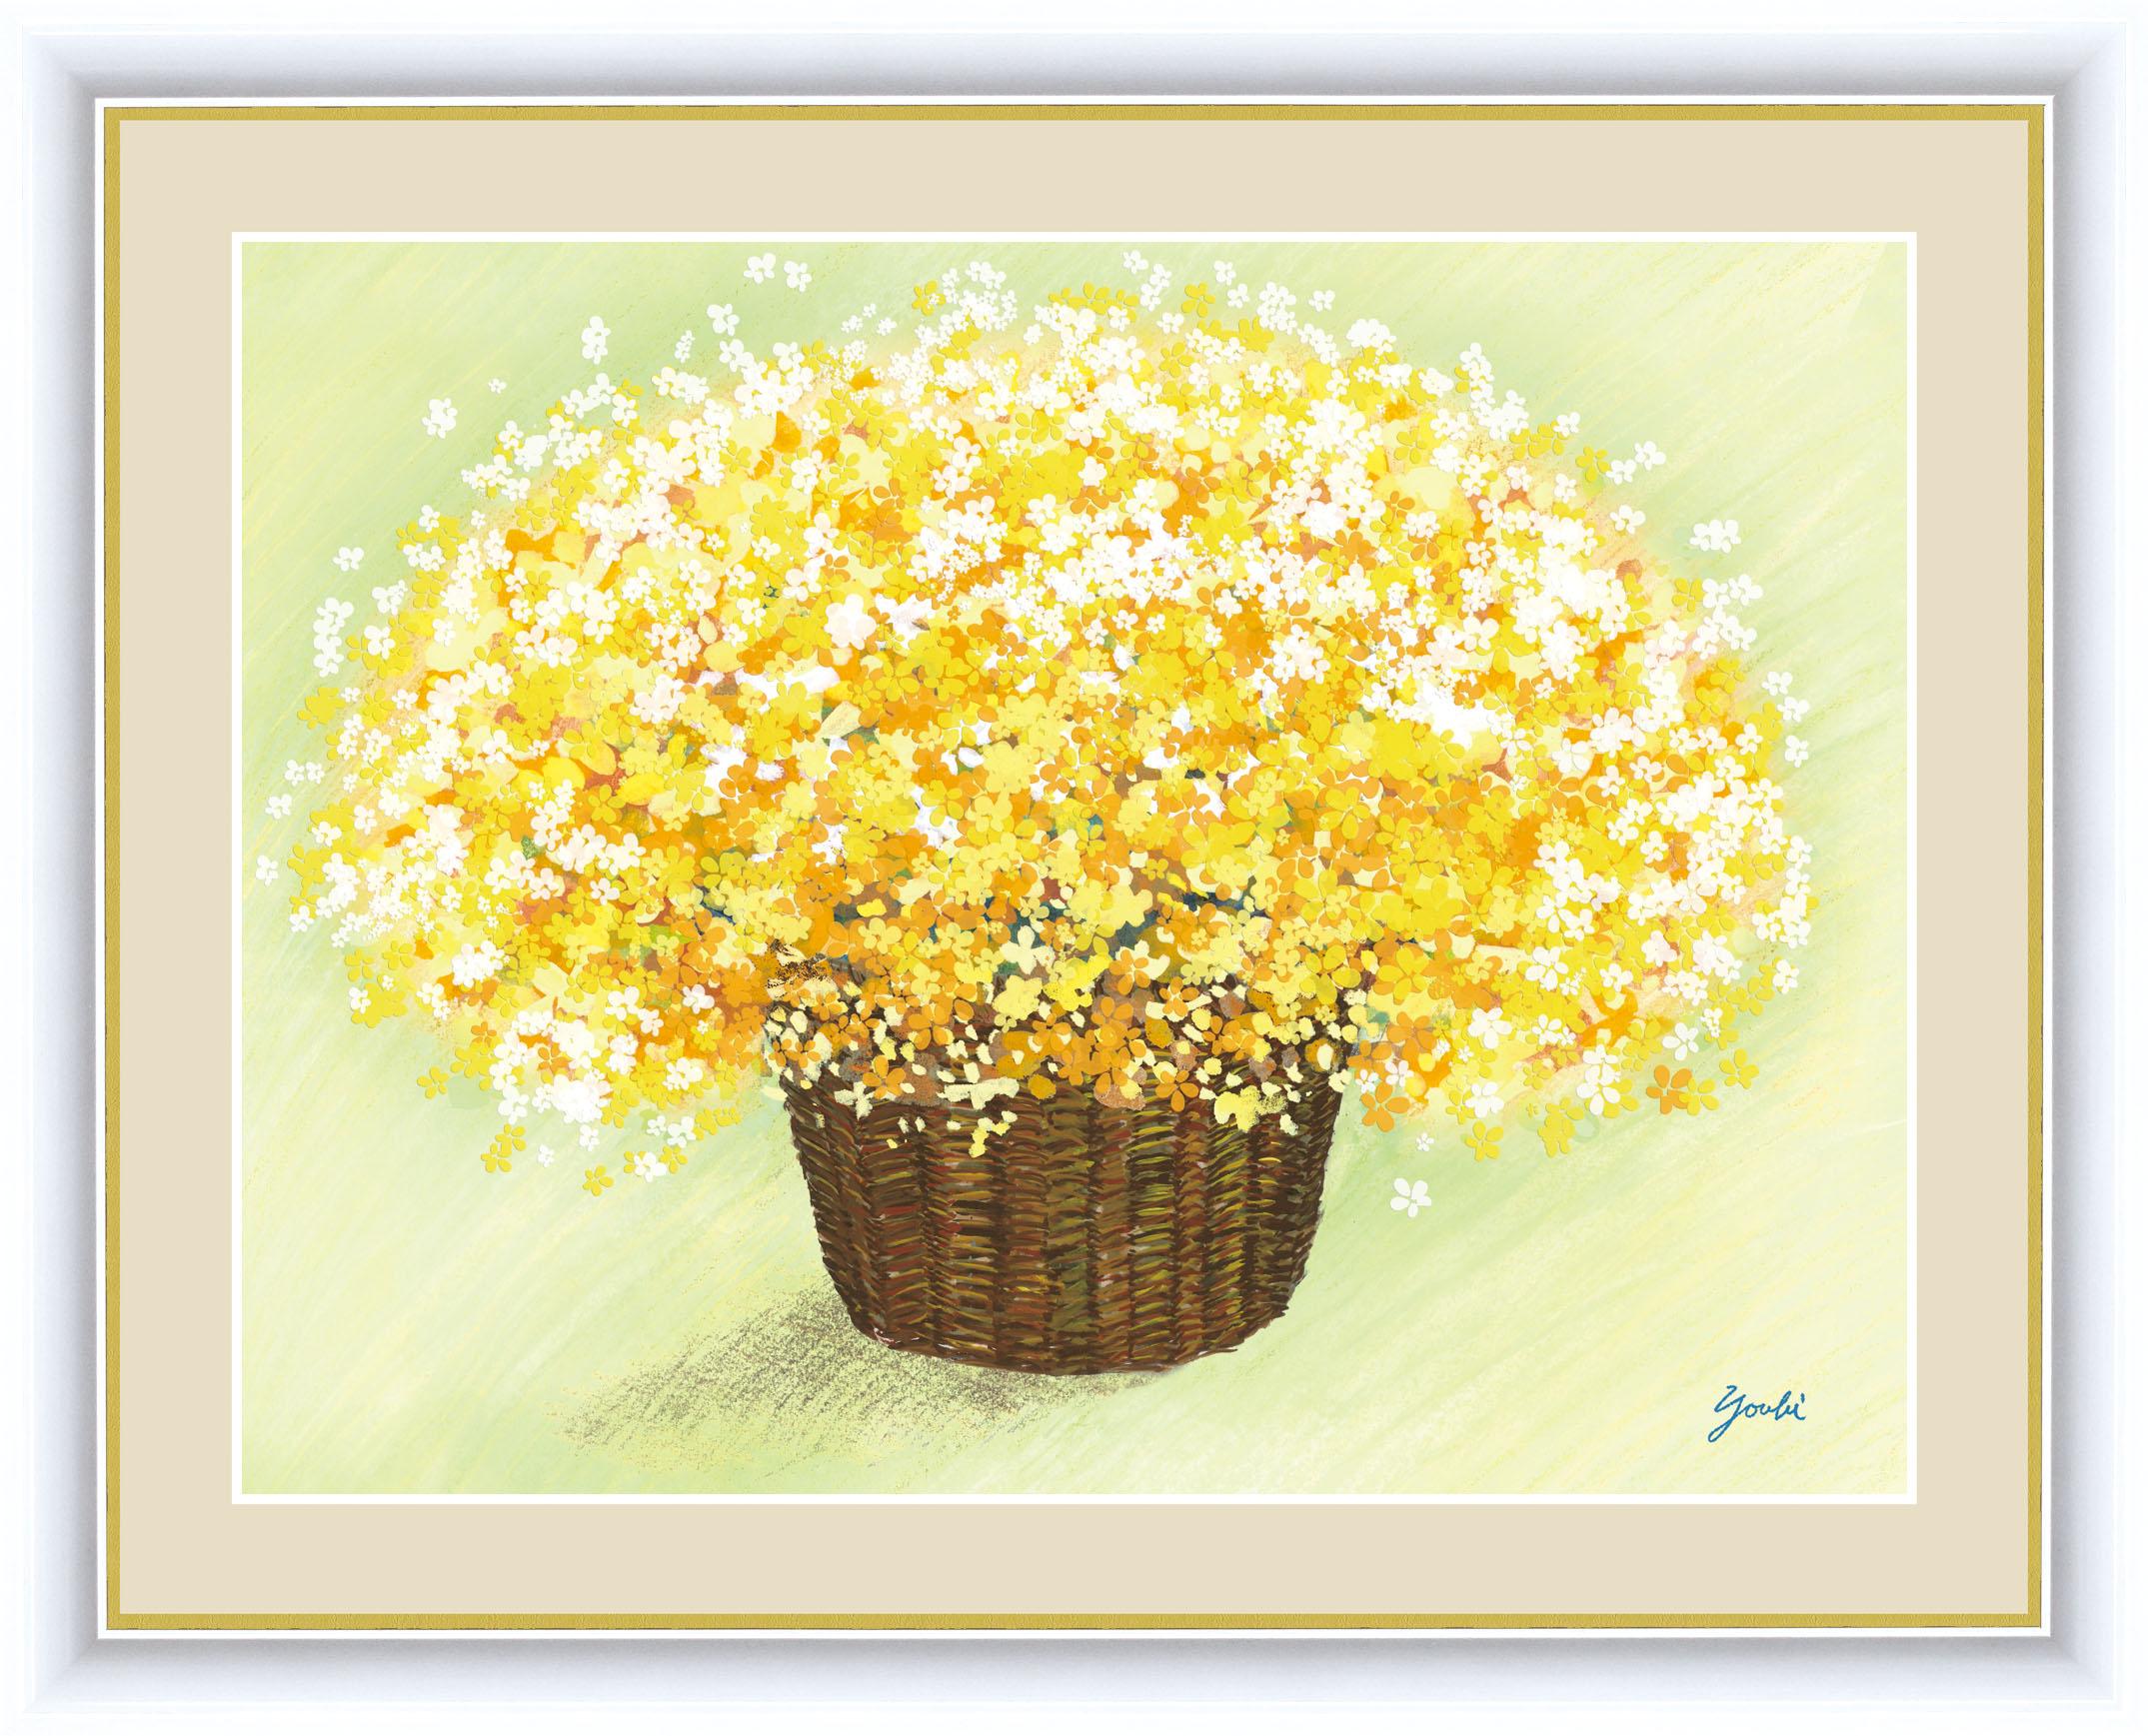 永遠に枯れることのない花の絵。鮮やかな色調がお部屋をパッと明るく彩ります。画面いっぱいに咲き誇る花たちが、いつまでもあふれんばかりの幸運を招き入れてくれることでしょう。 しあわせのブーケ 額 明るいイエローのブーケ 52×42cm 洋美/ようび 現代作家インテリアアート アート額絵 G4-AB059 F6サイズ 33232